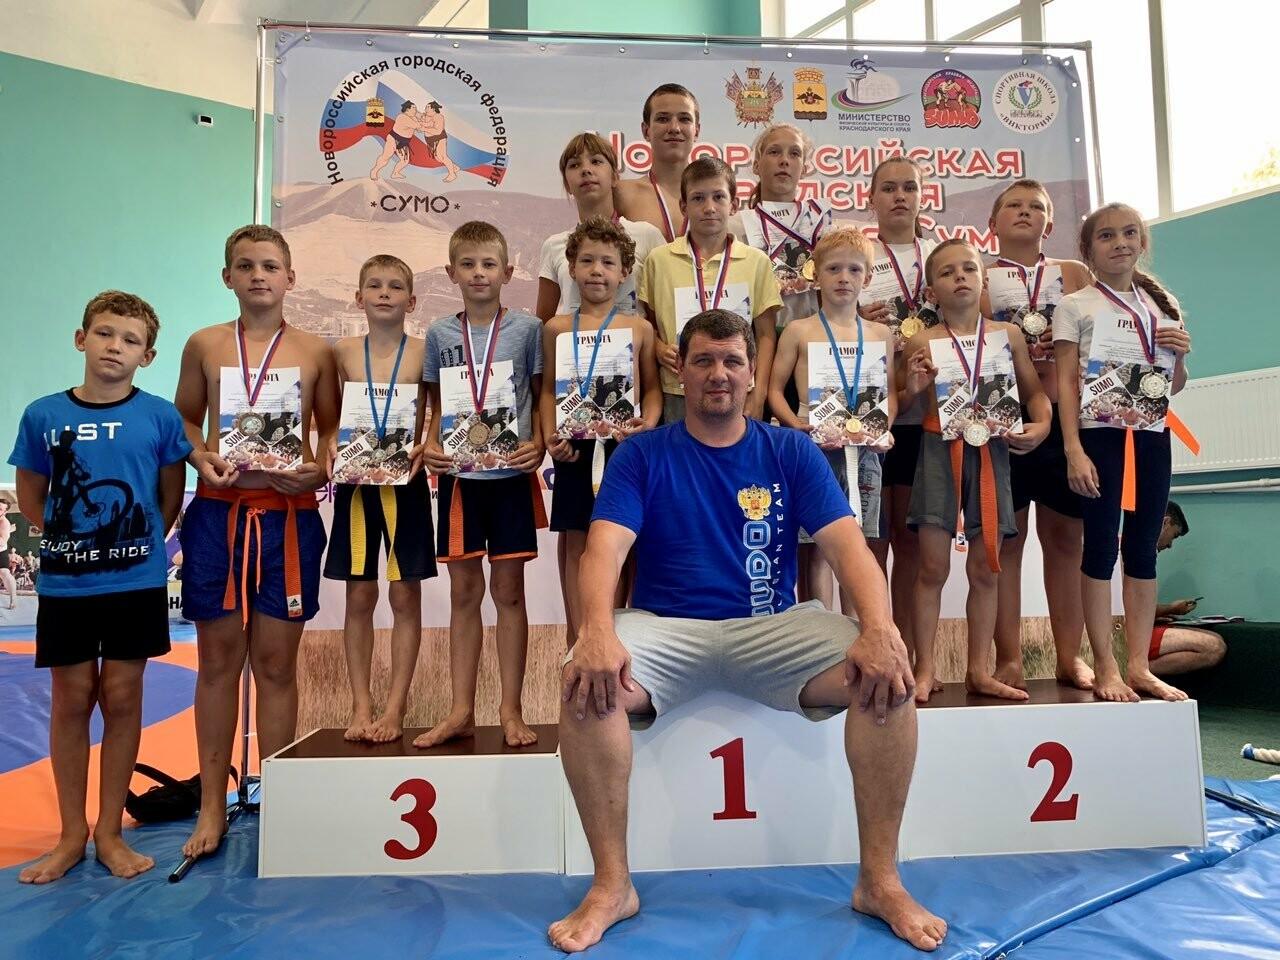 Сумоисты Ялты завоевали золото и титулы чемпионов на «Сумотори Кубани», фото-1